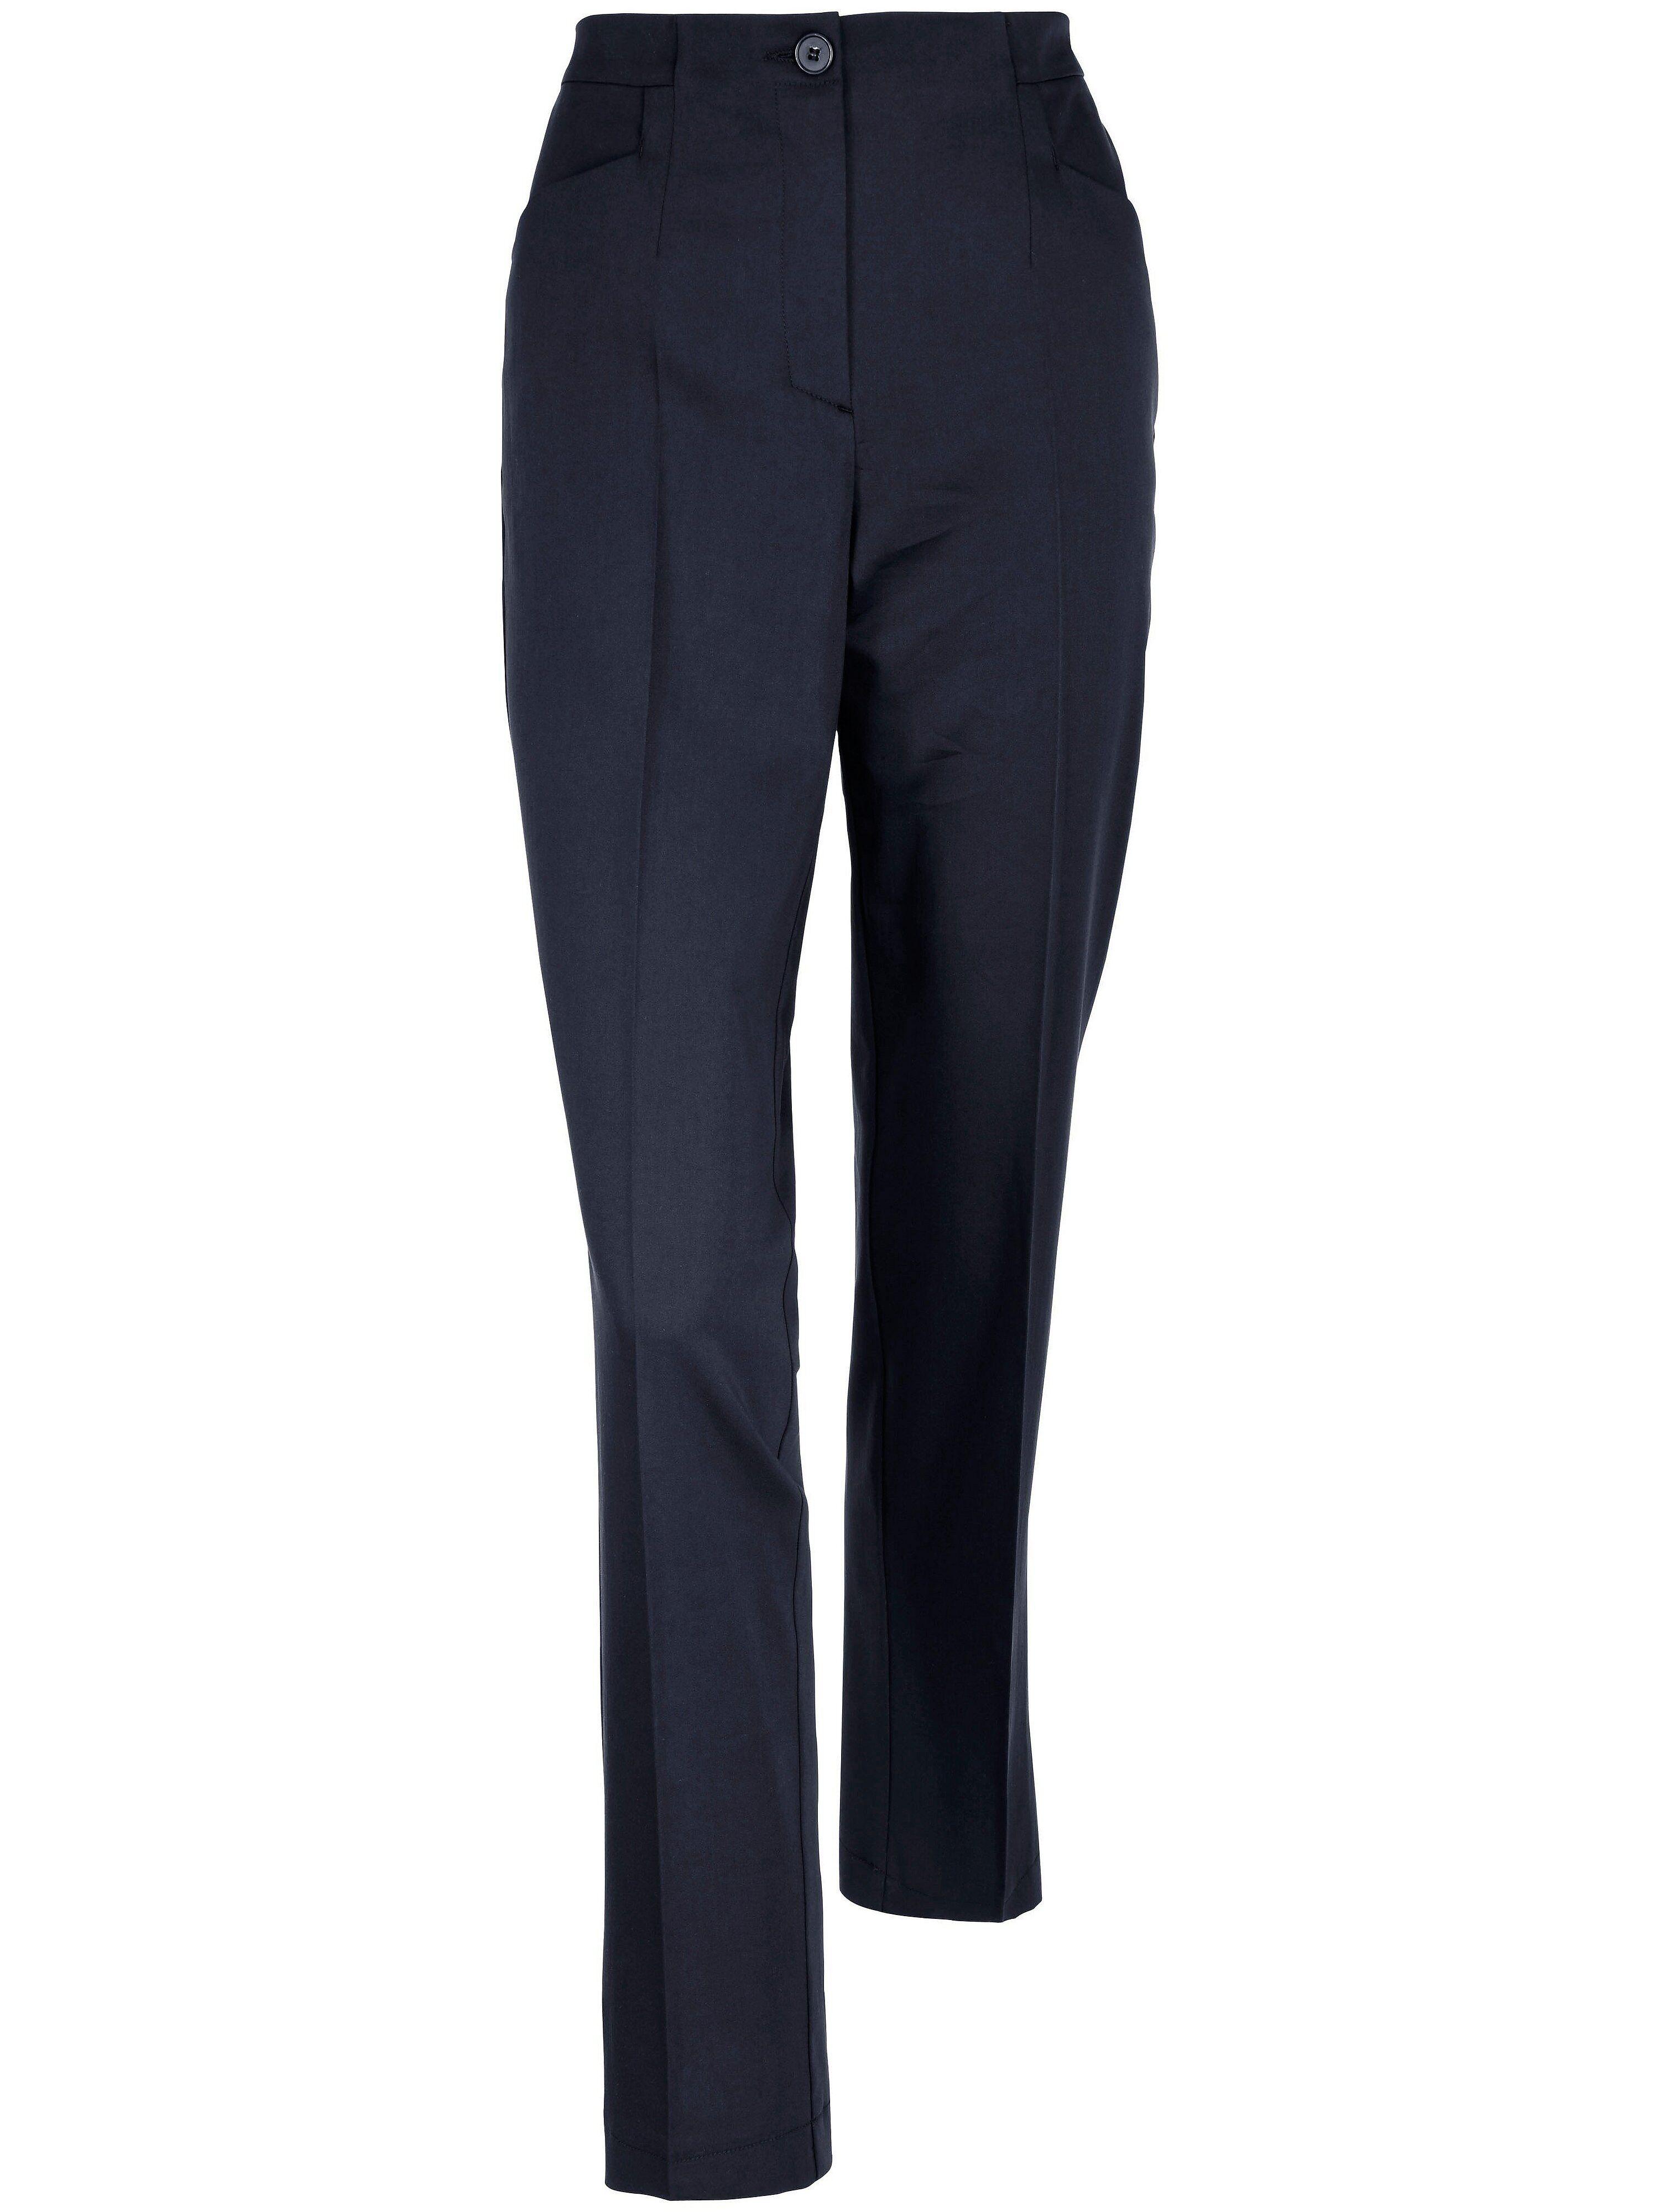 Peter Hahn Le pantalon facile d'entretien  Peter Hahn bleu  - Femme - 38